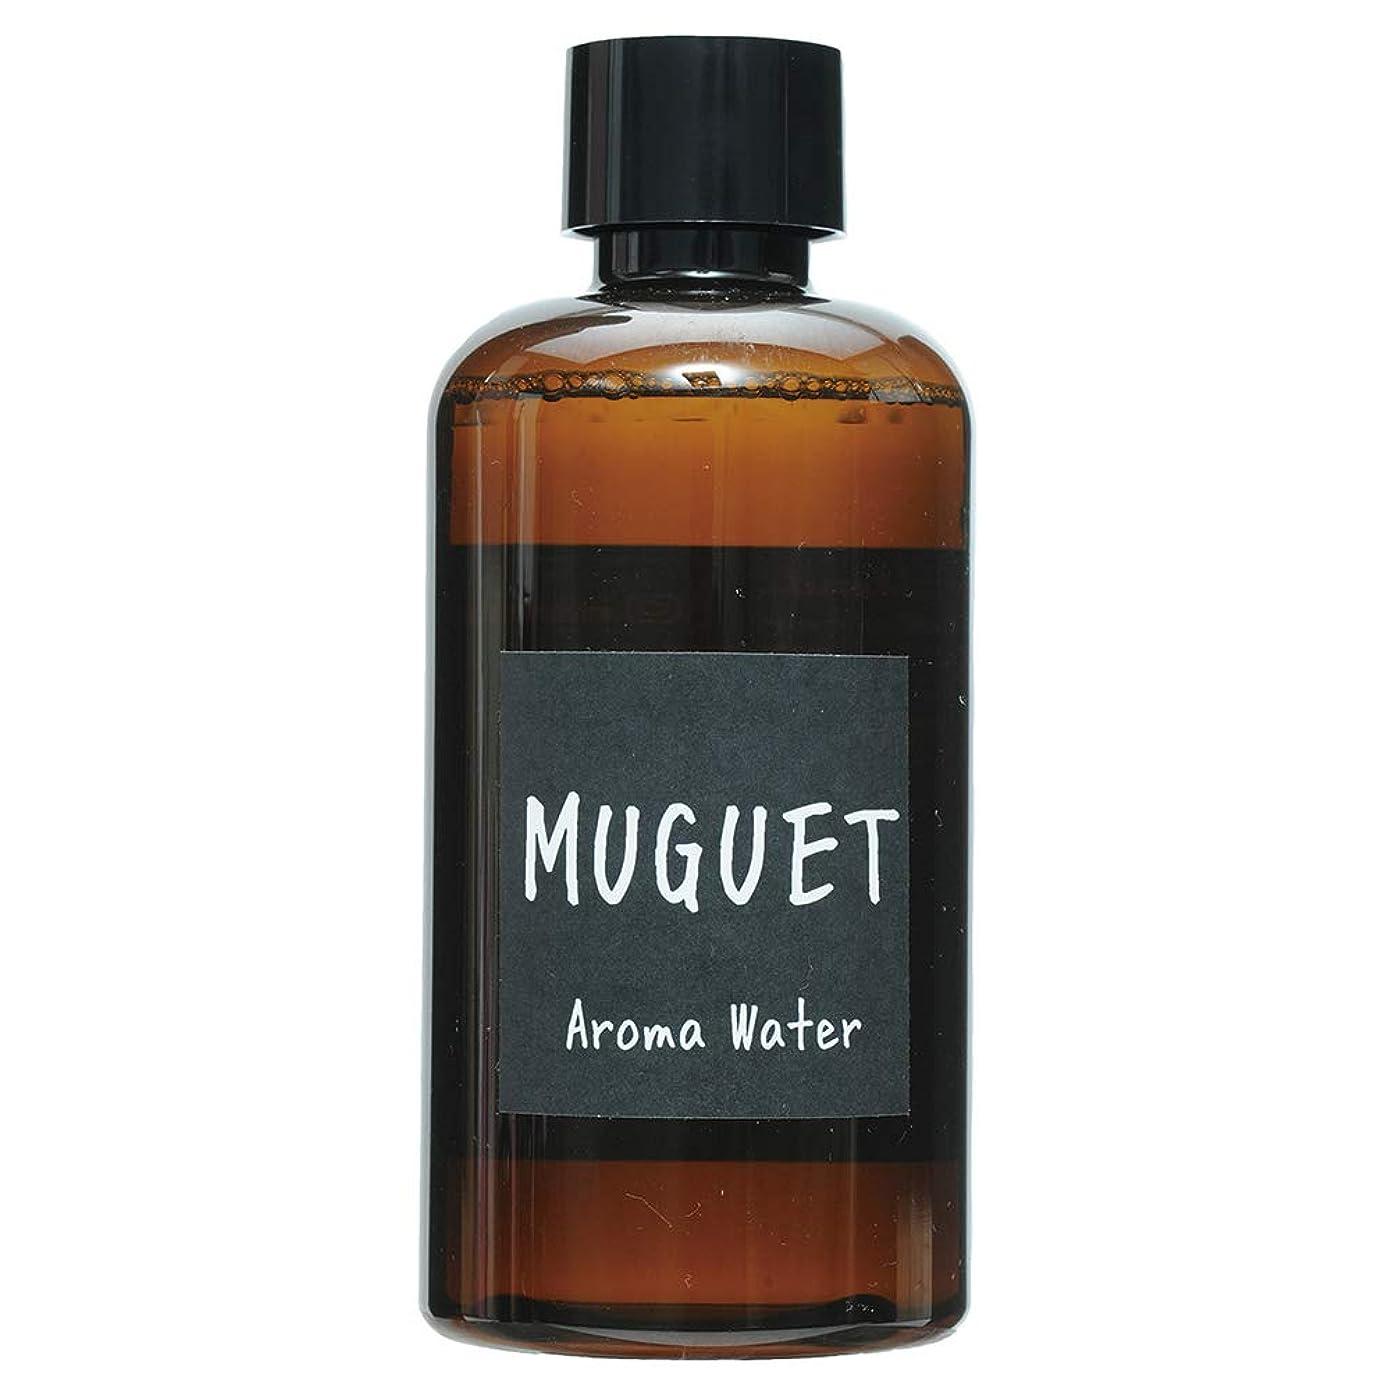 お別れビル食べるノルコーポレーション アロマウォーター ジョンズブレンド 加湿器用 ミュゲの香り 520ml